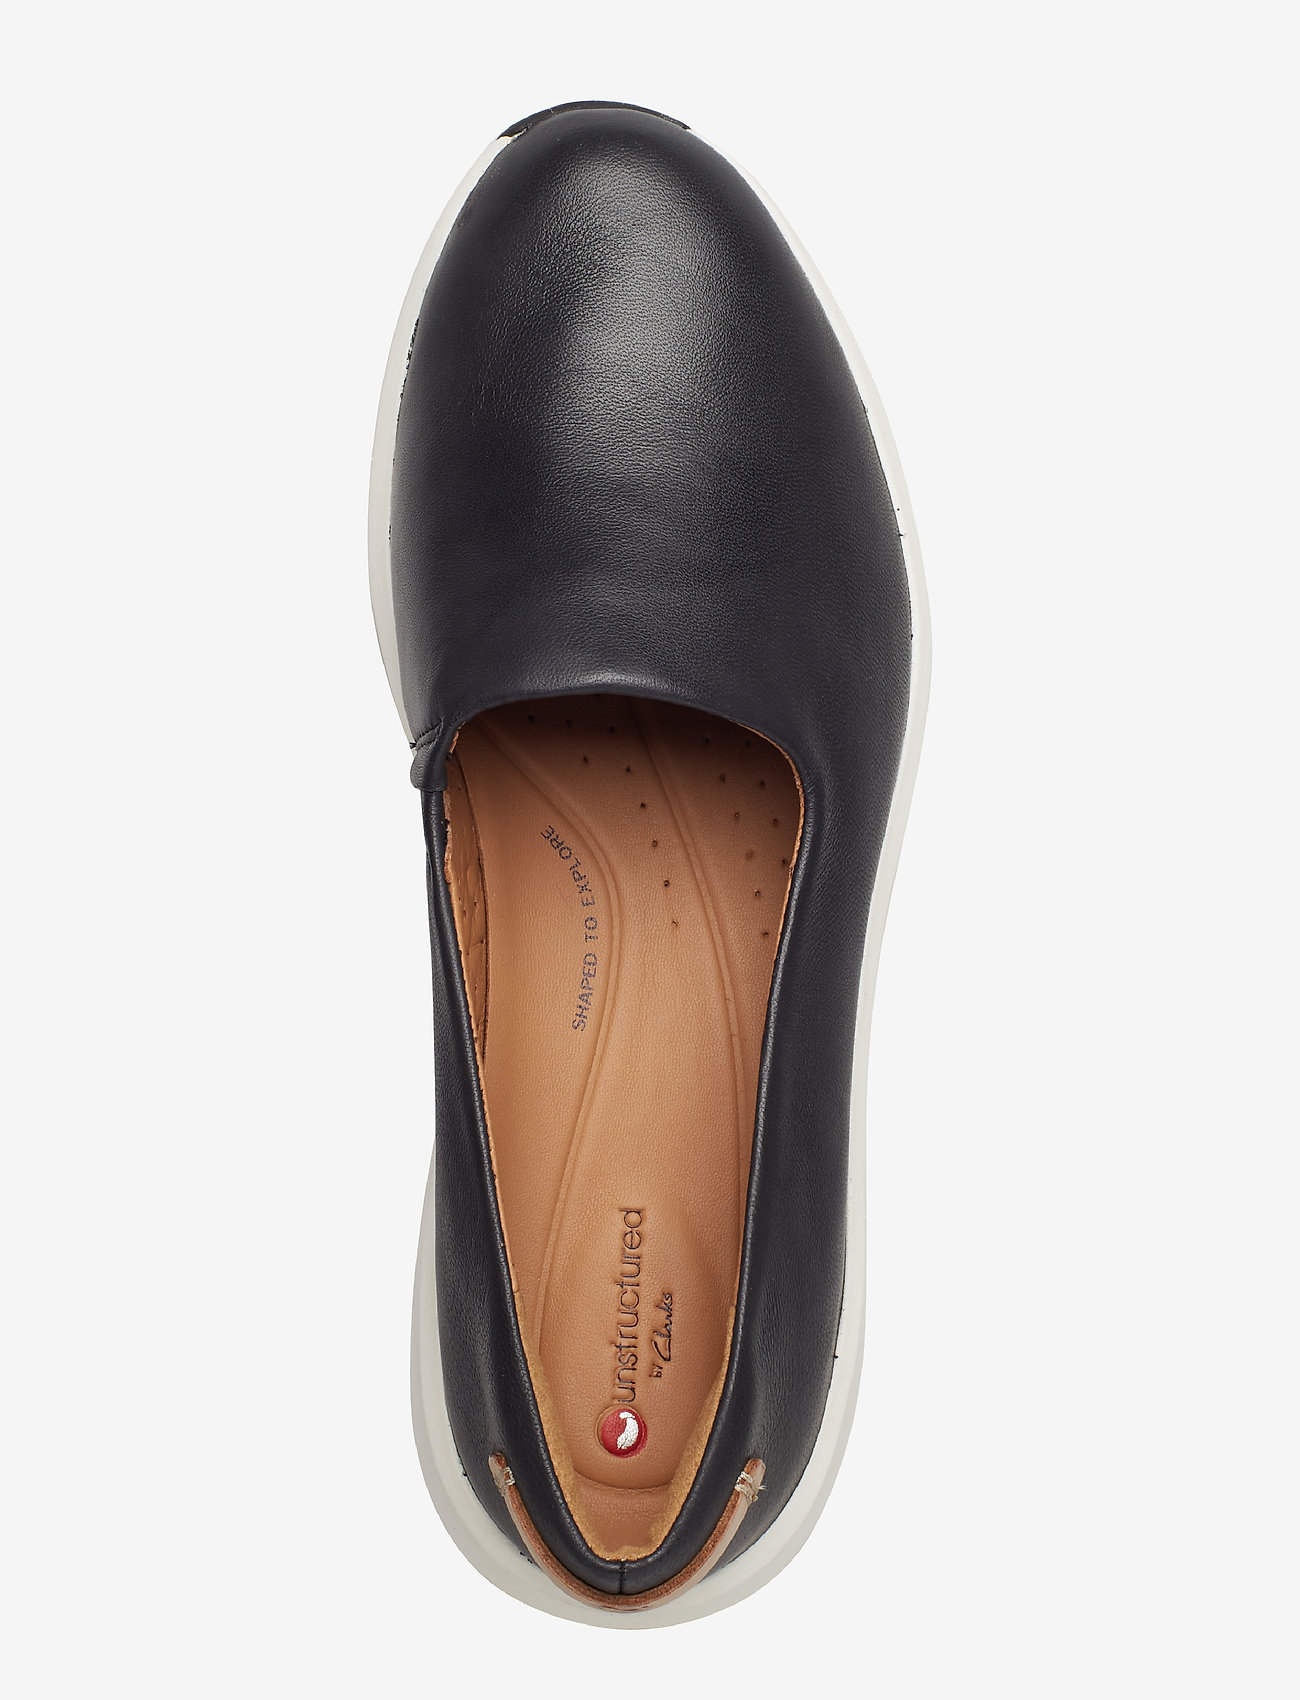 Särskild rabattUn Rio Step Black Leather 699.50 Clarks ih5TX qZ1Sd